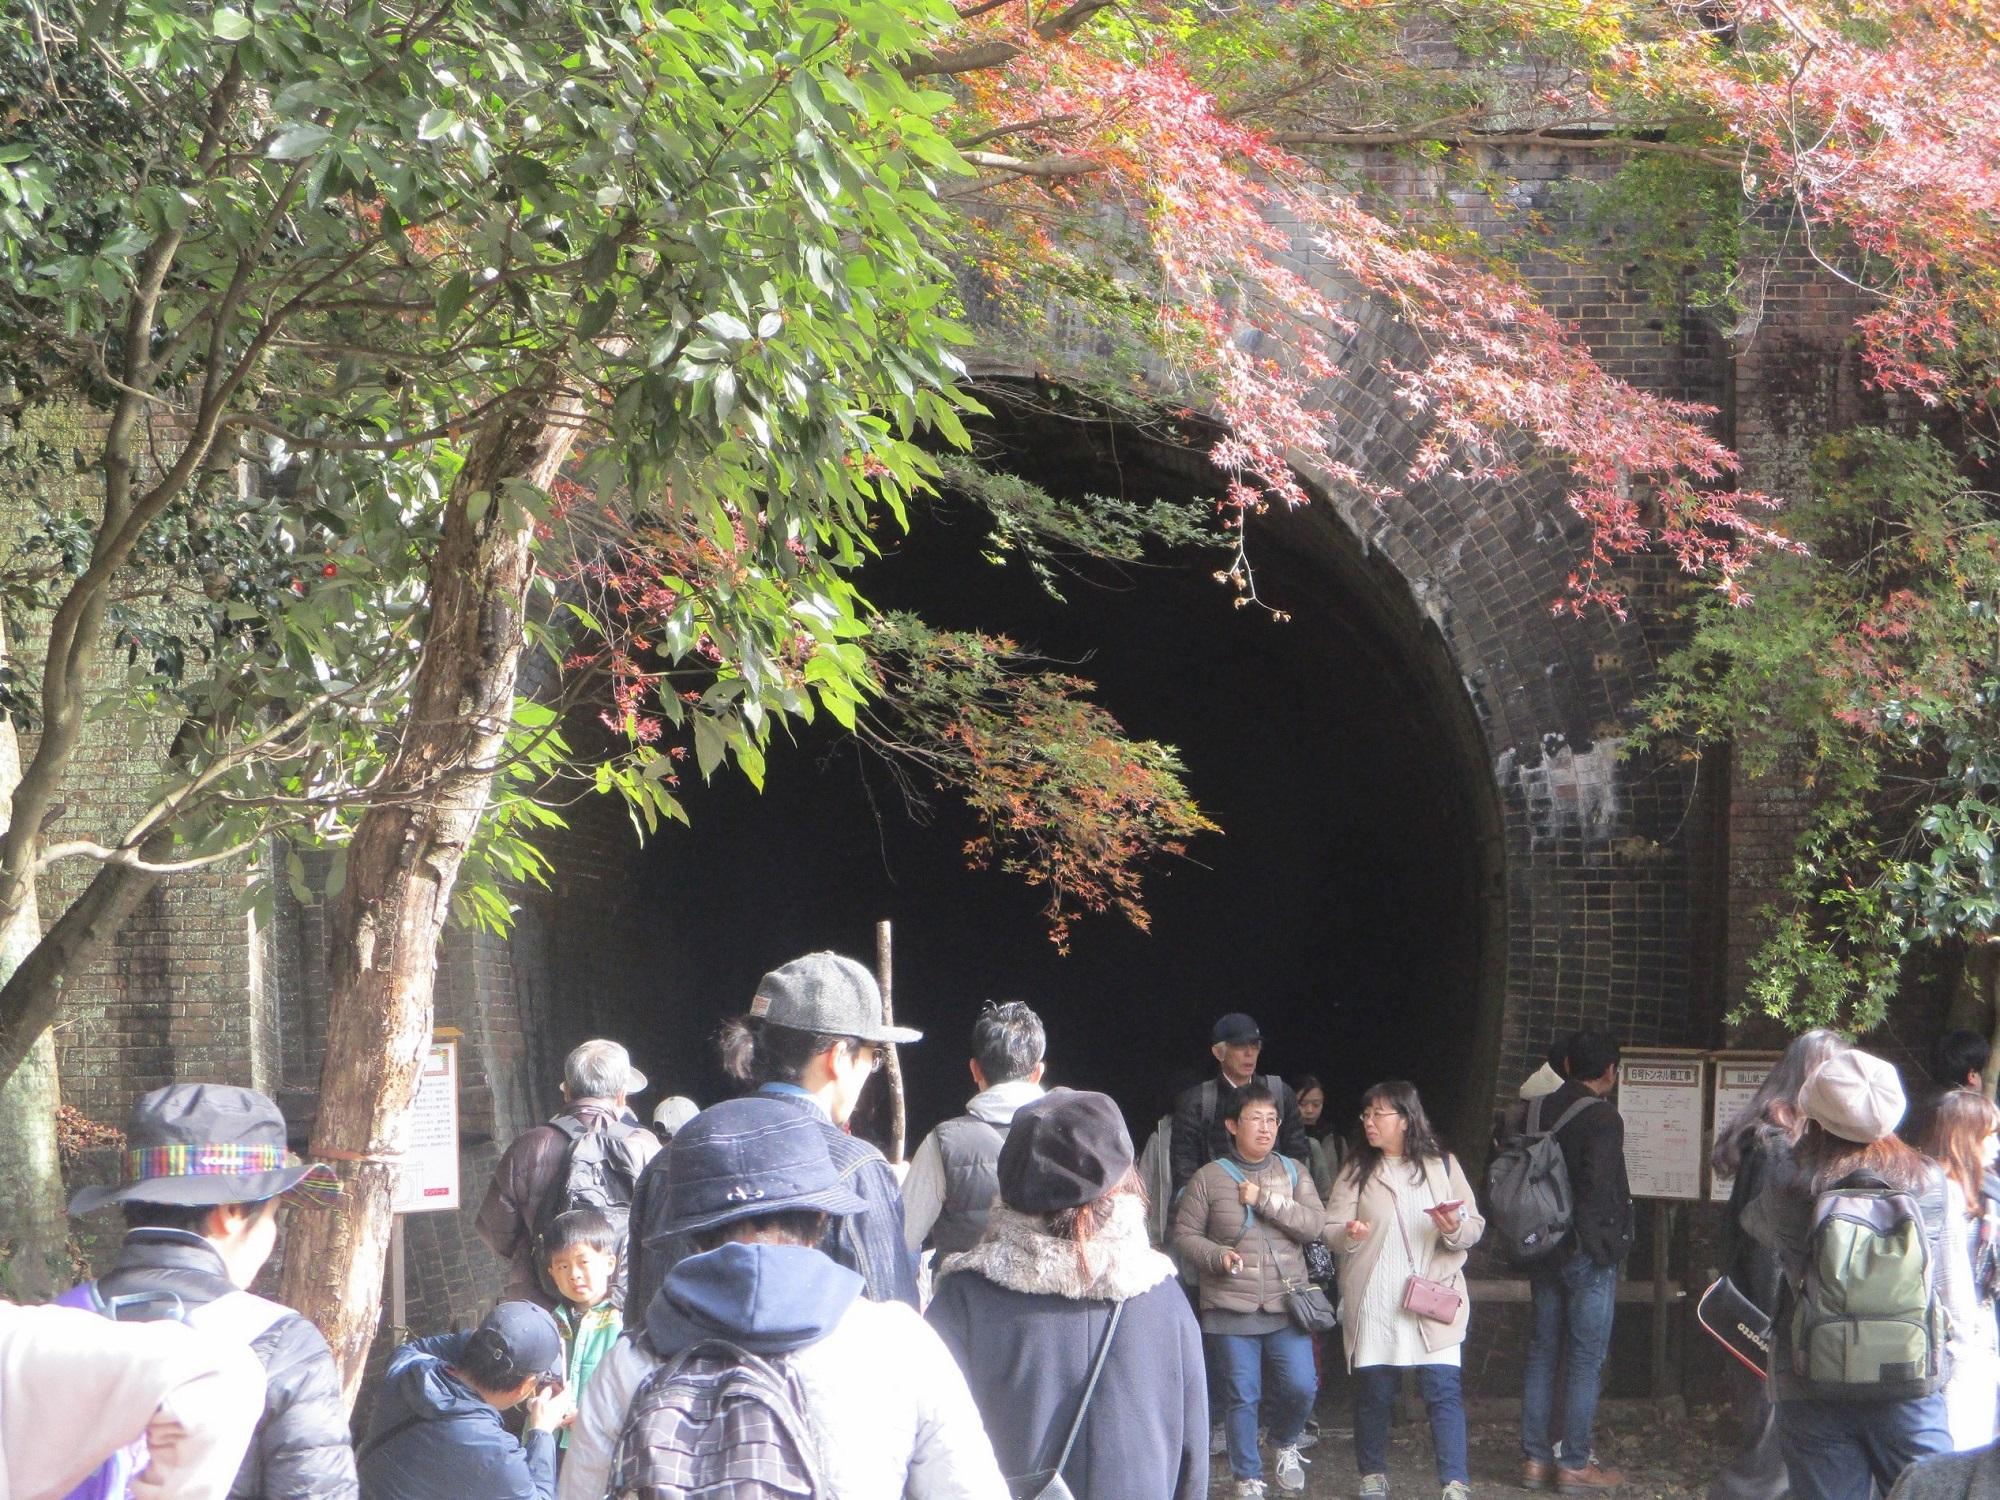 2019.12.1 (47) 愛岐トンネル群 - 6号トンネル 2000-1500